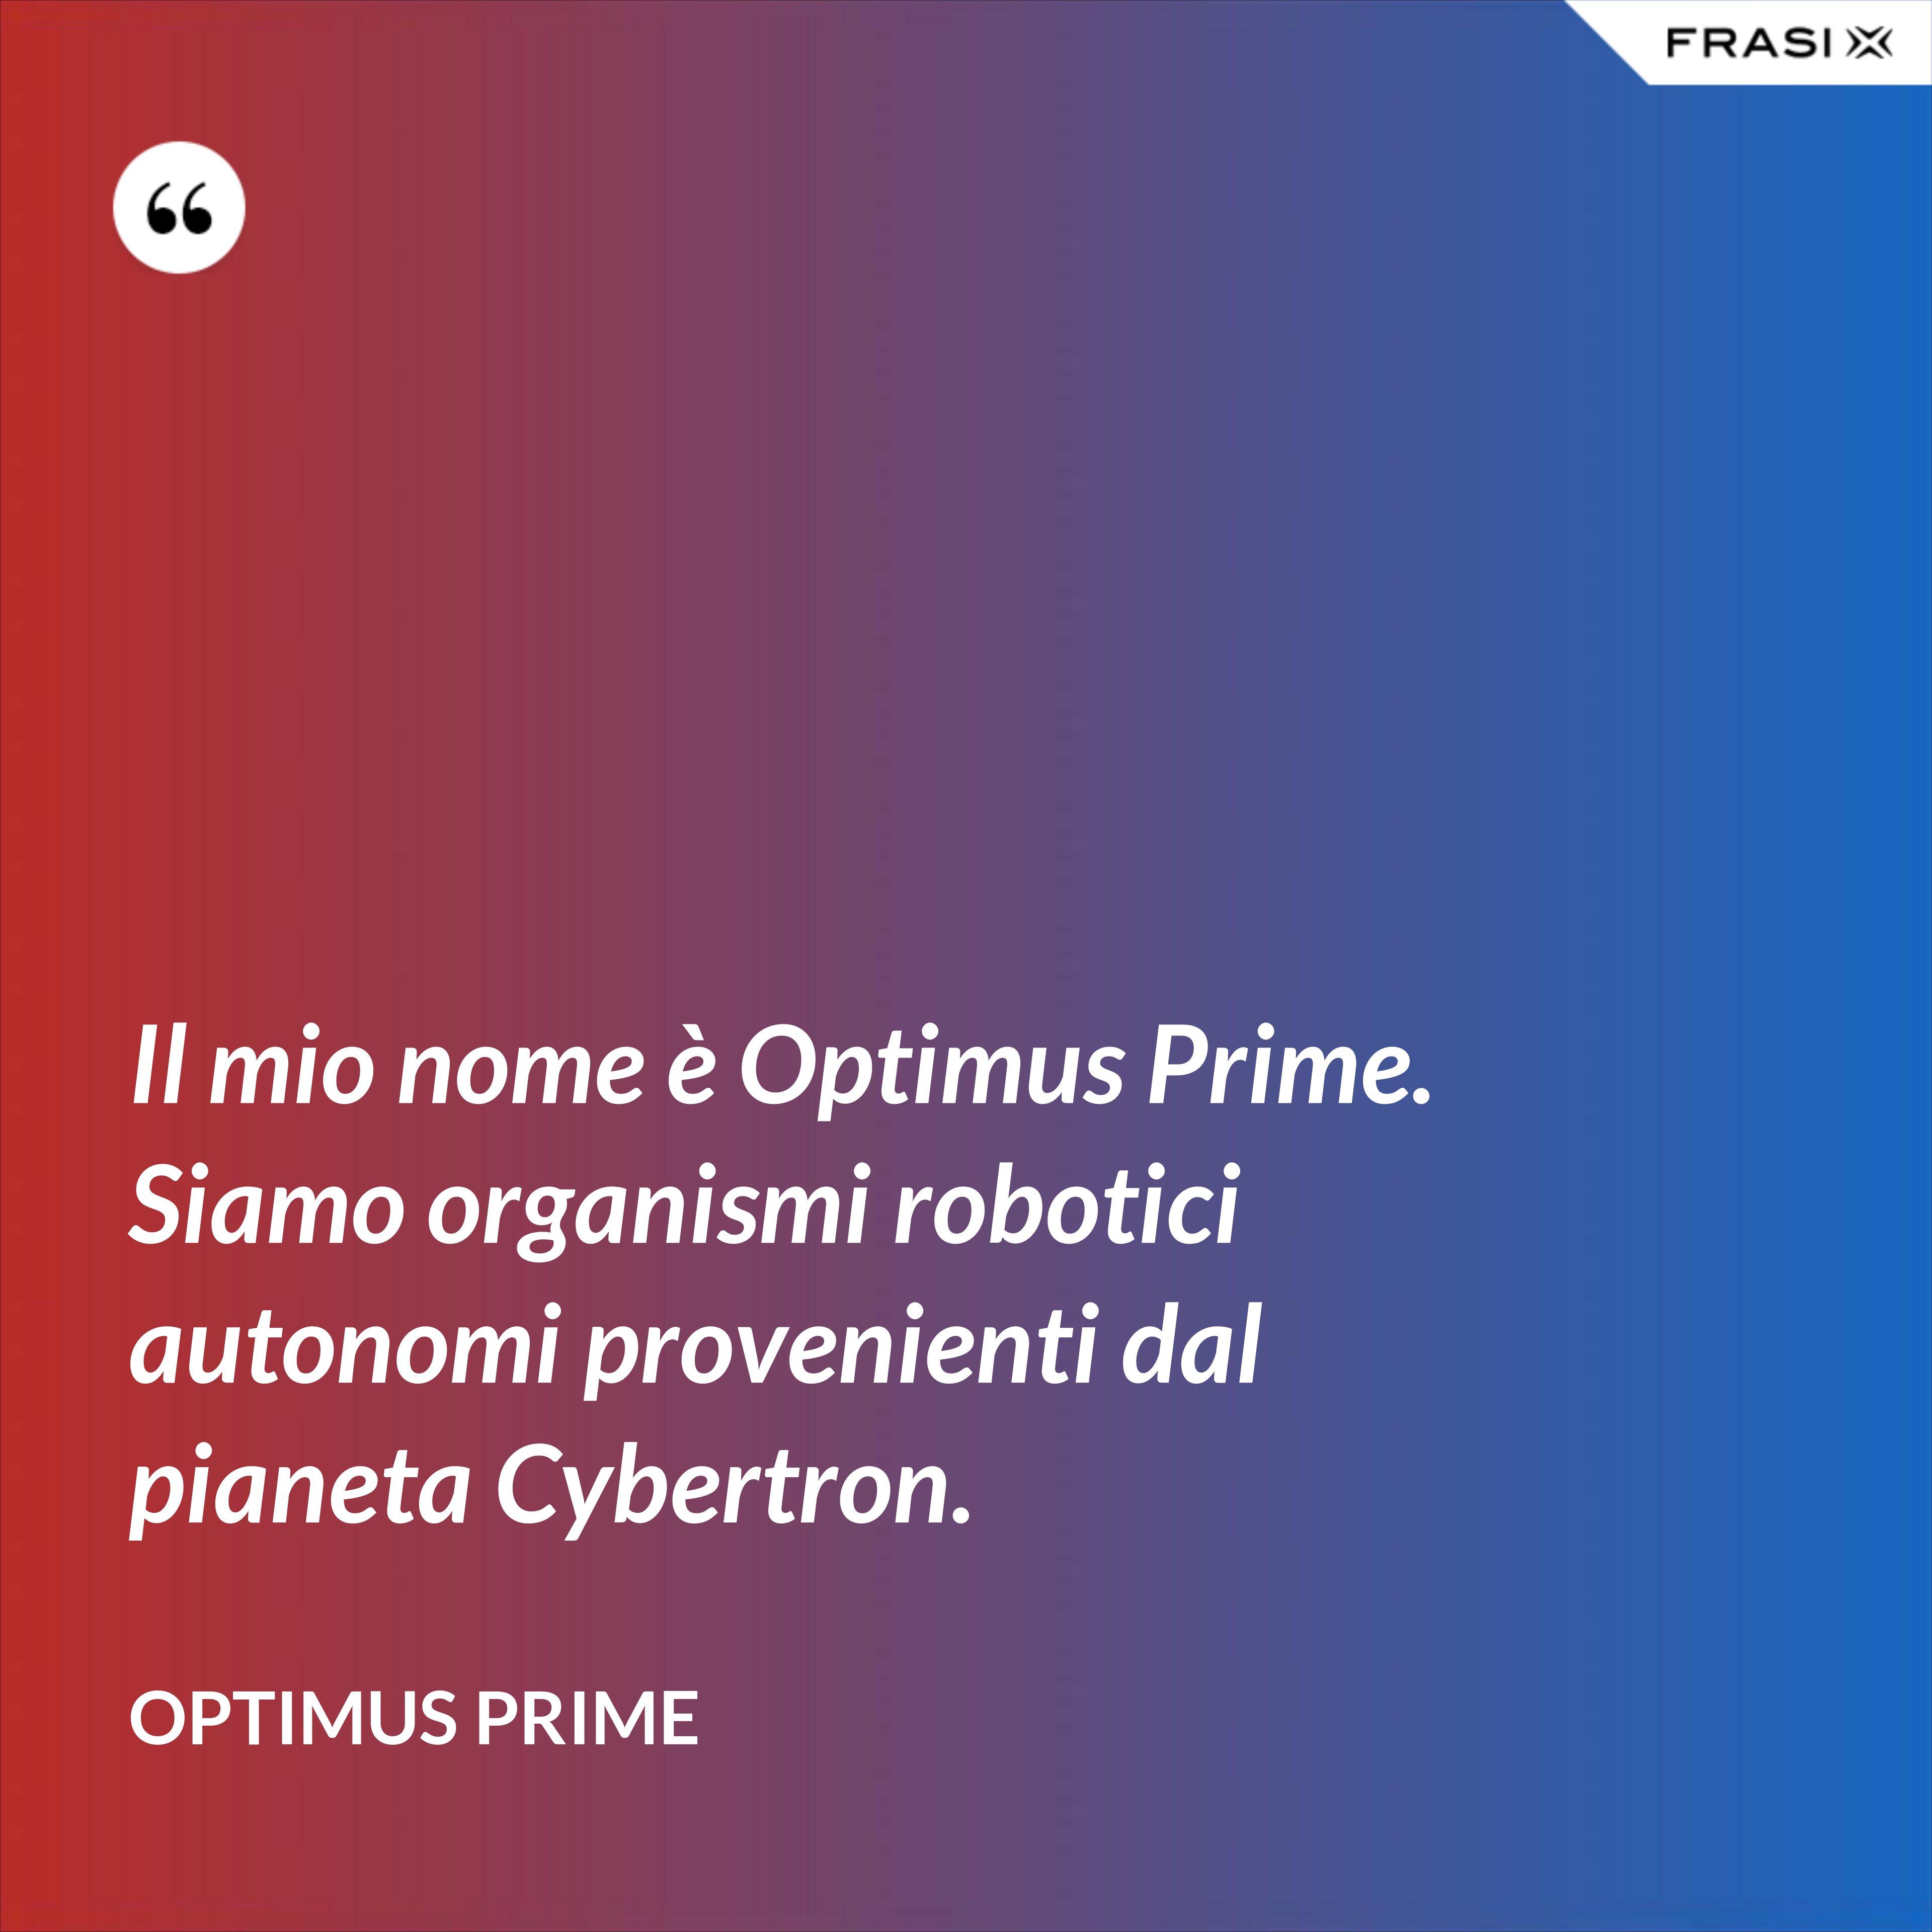 Il mio nome è Optimus Prime. Siamo organismi robotici autonomi provenienti dal pianeta Cybertron. - Optimus Prime